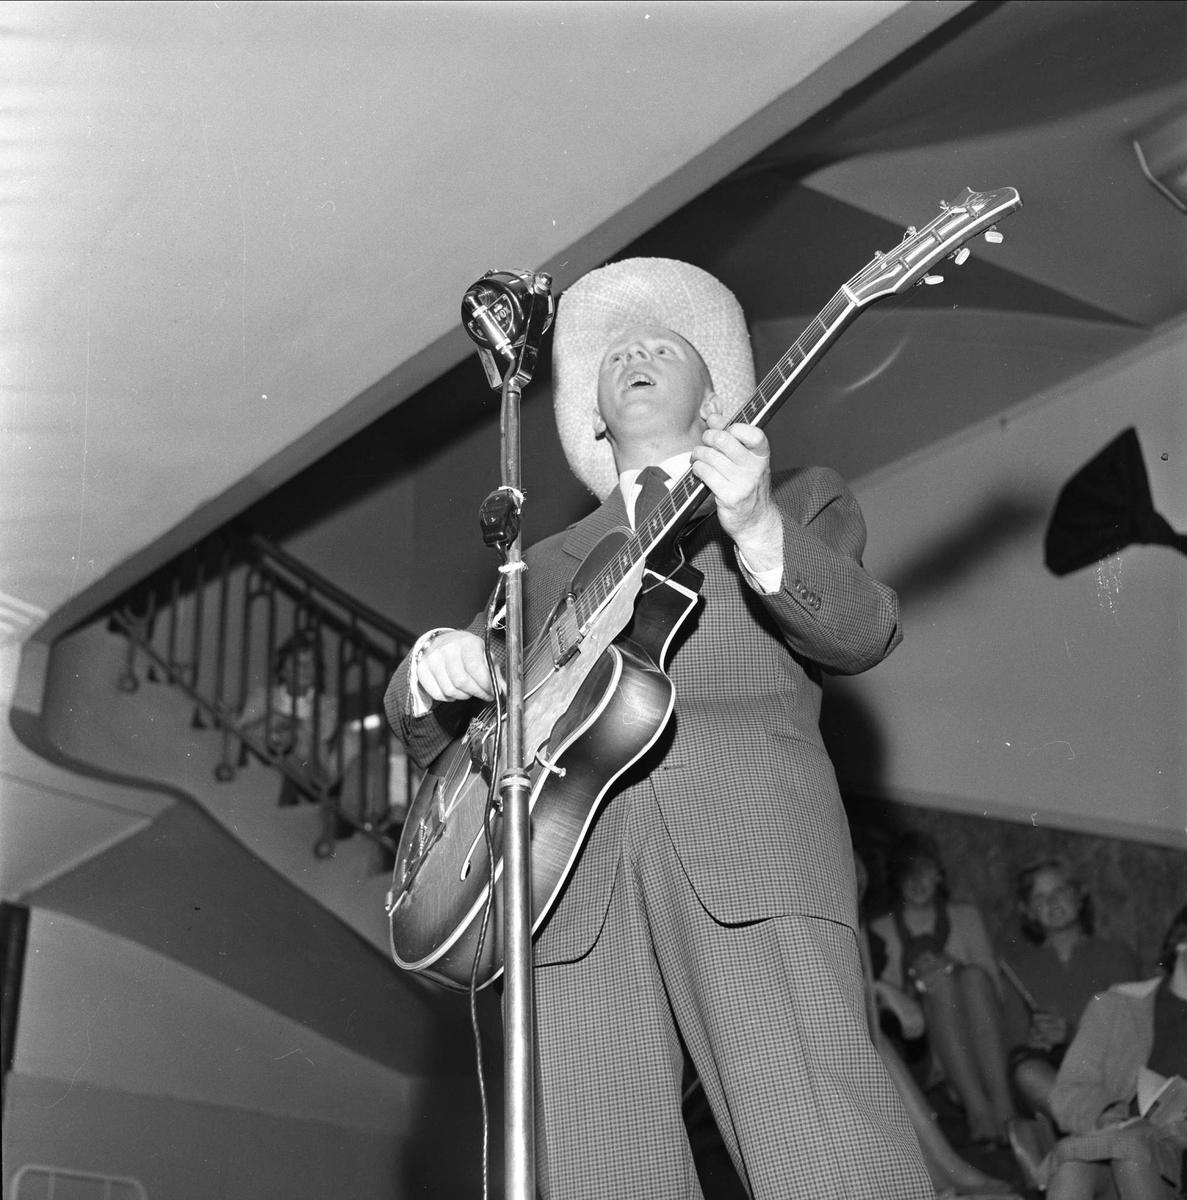 Arne Bendiksen synger og spiller. Moteoppvisning i varehuset Steen & Strøm, Kongens gate 23, Oslo, 28.10.1959.